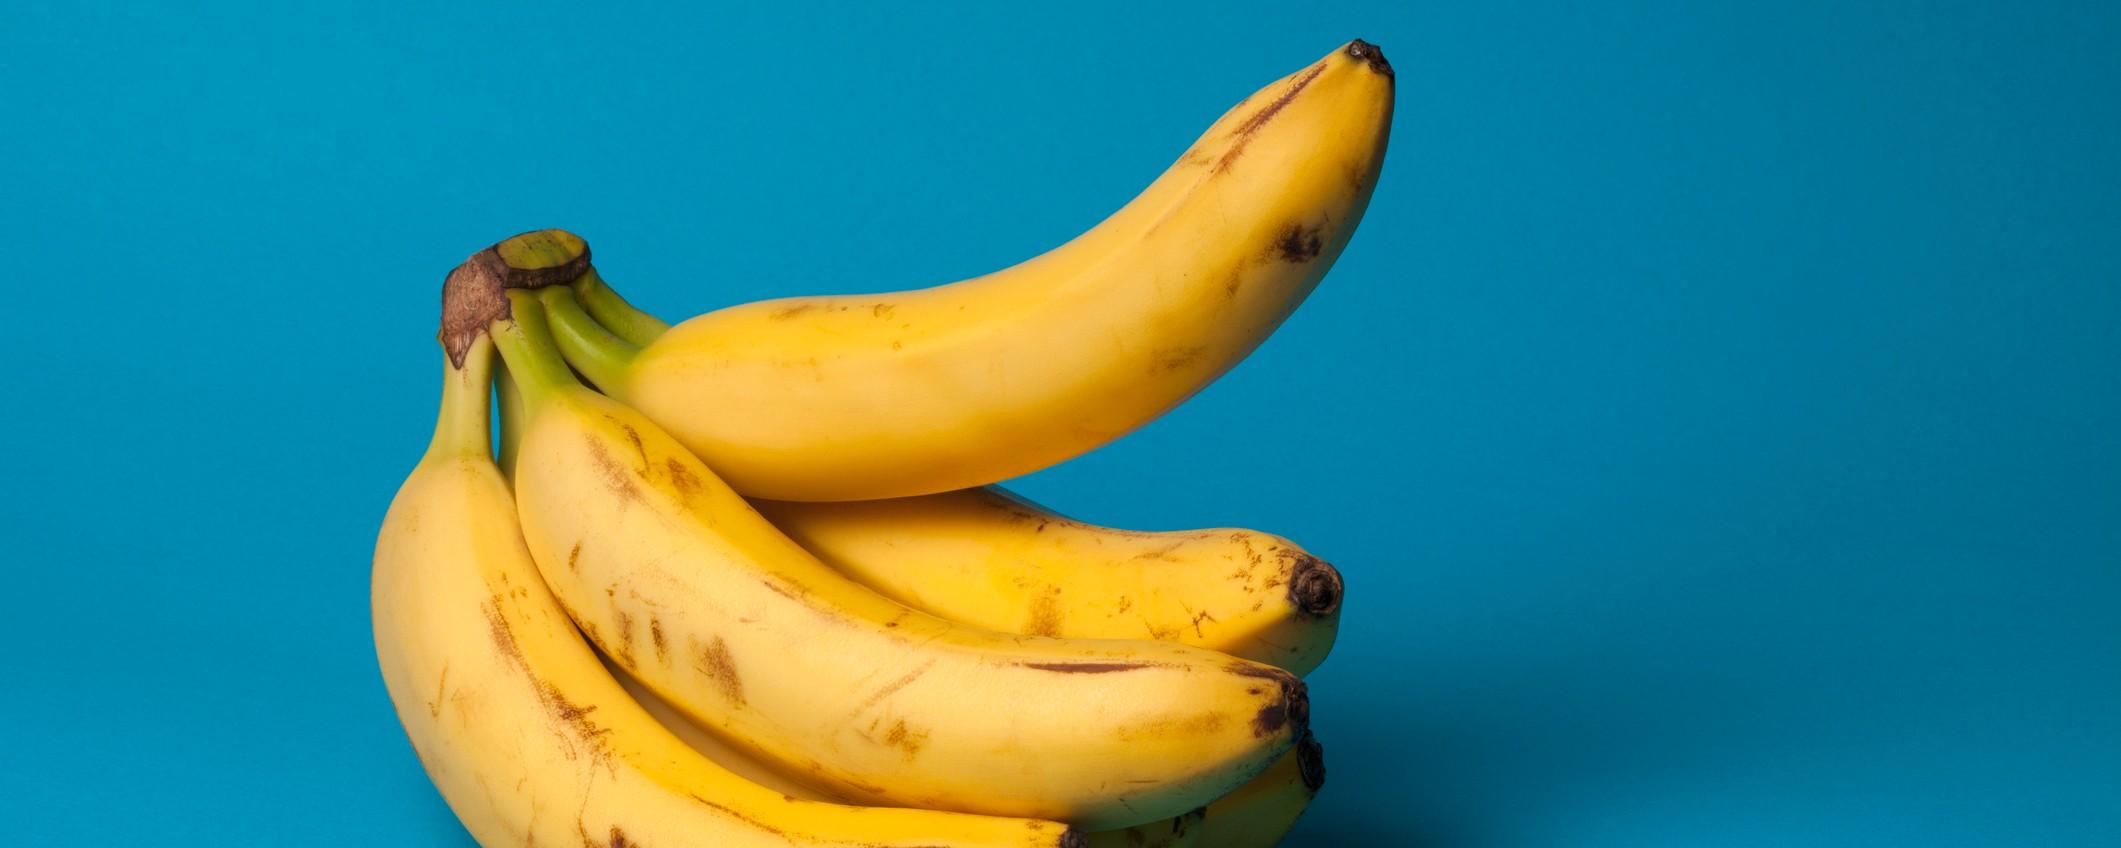 care este lungimea minima a penisului metode pentru creșterea erecției